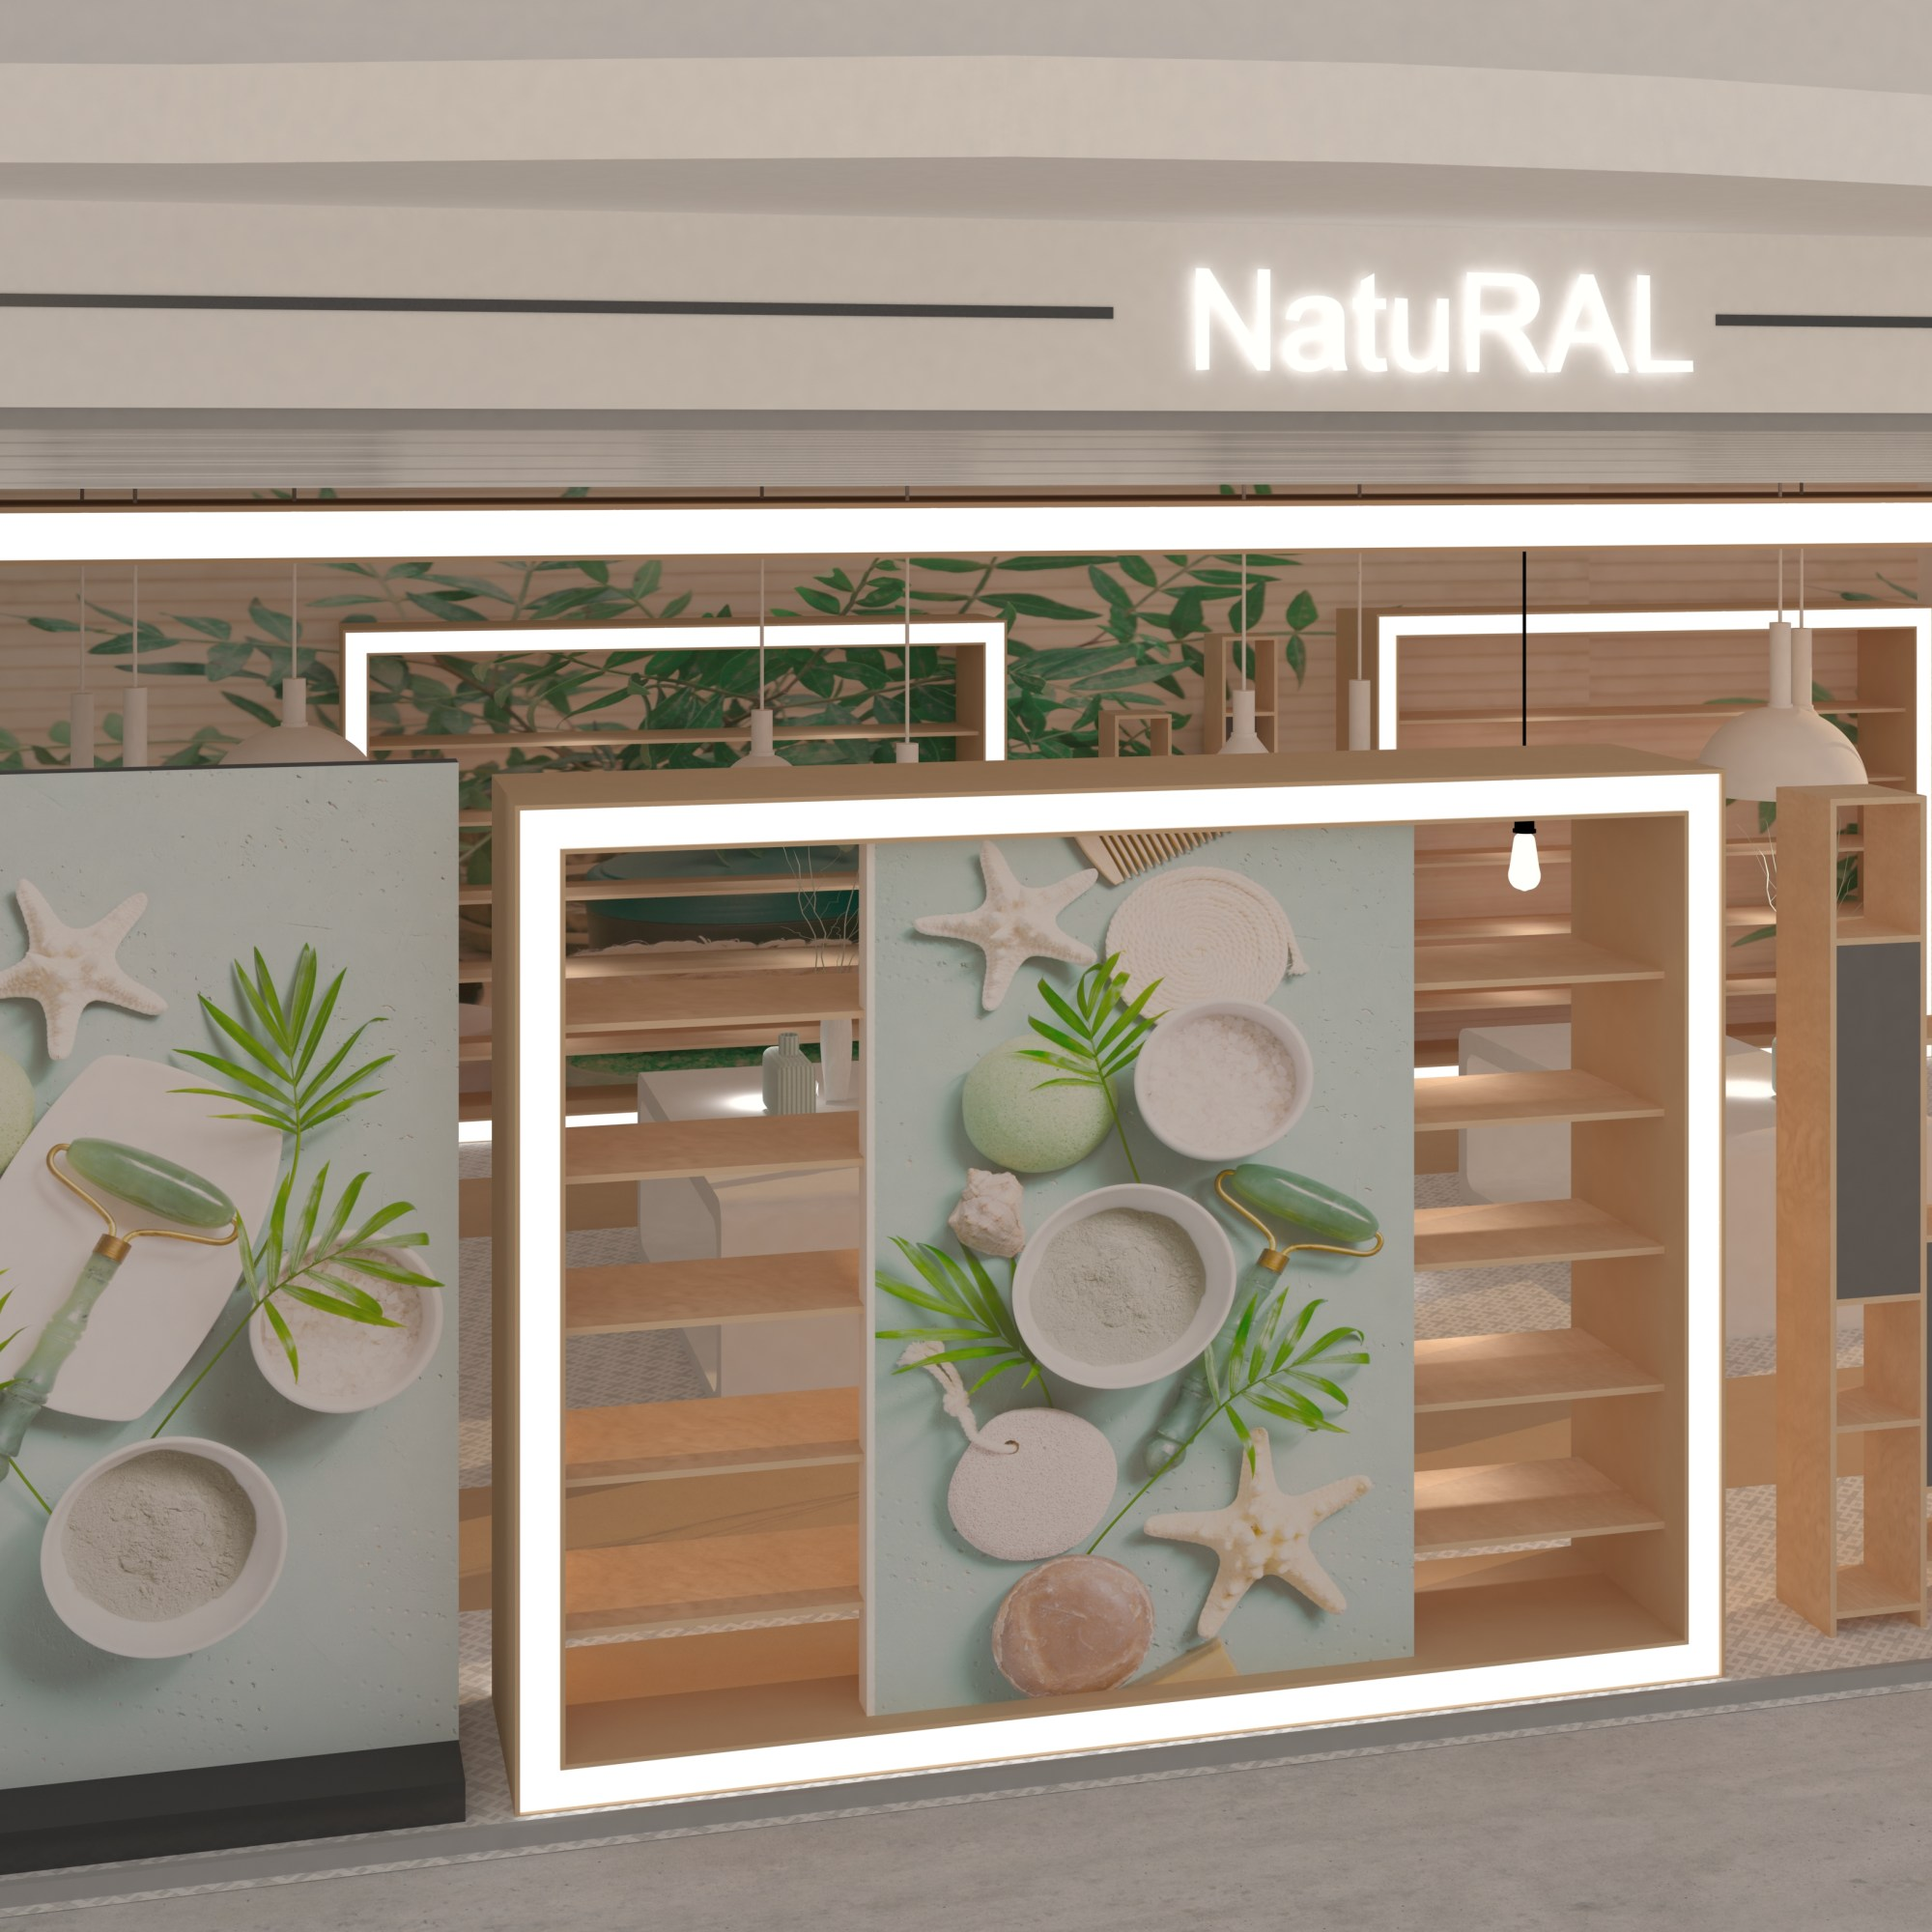 Nuevos espacios con nuevos diseños.